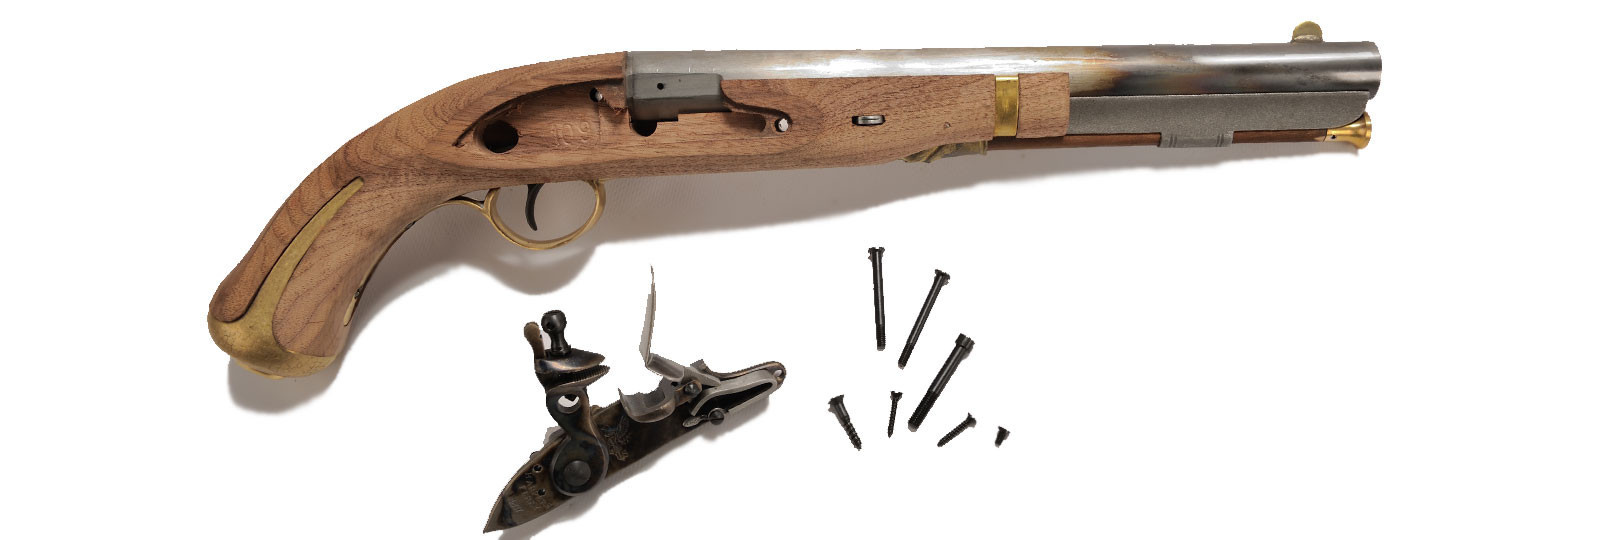 H.ferry pistol kit .58